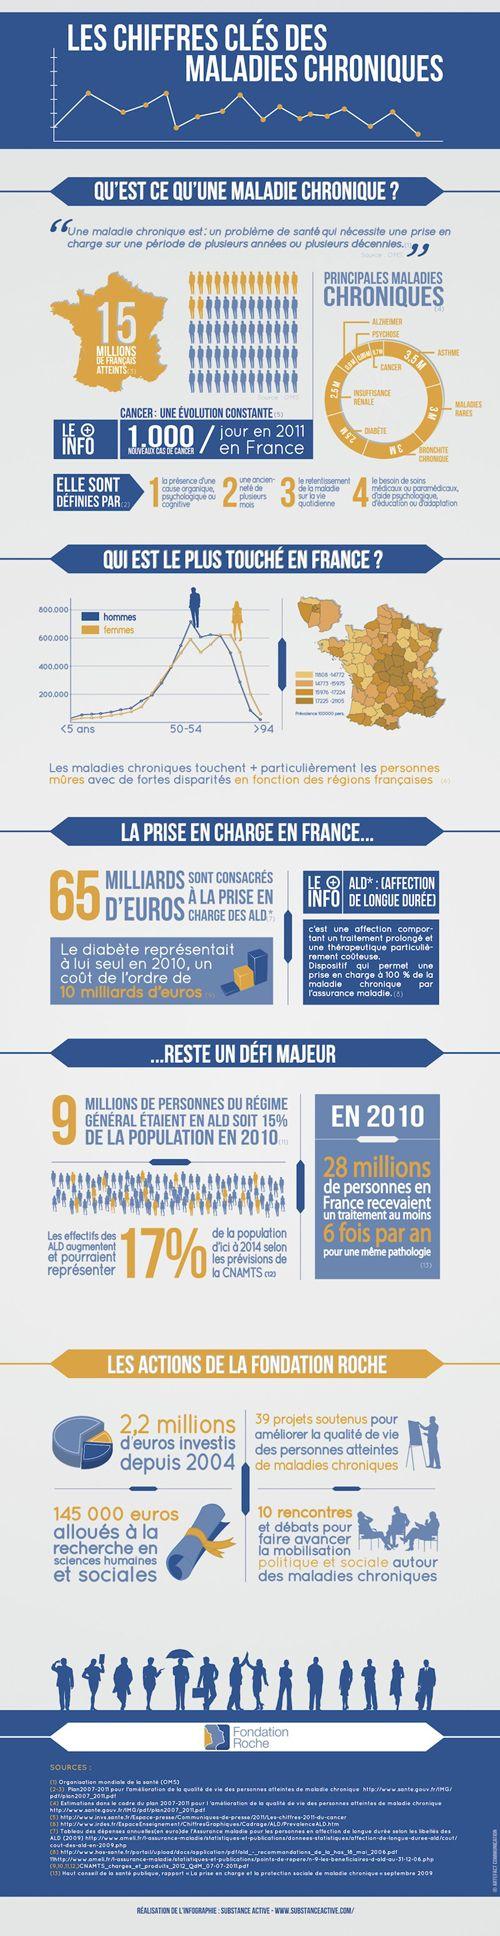 Infographie : les chiffres clés des maladies chroniques par la Fondation Roche